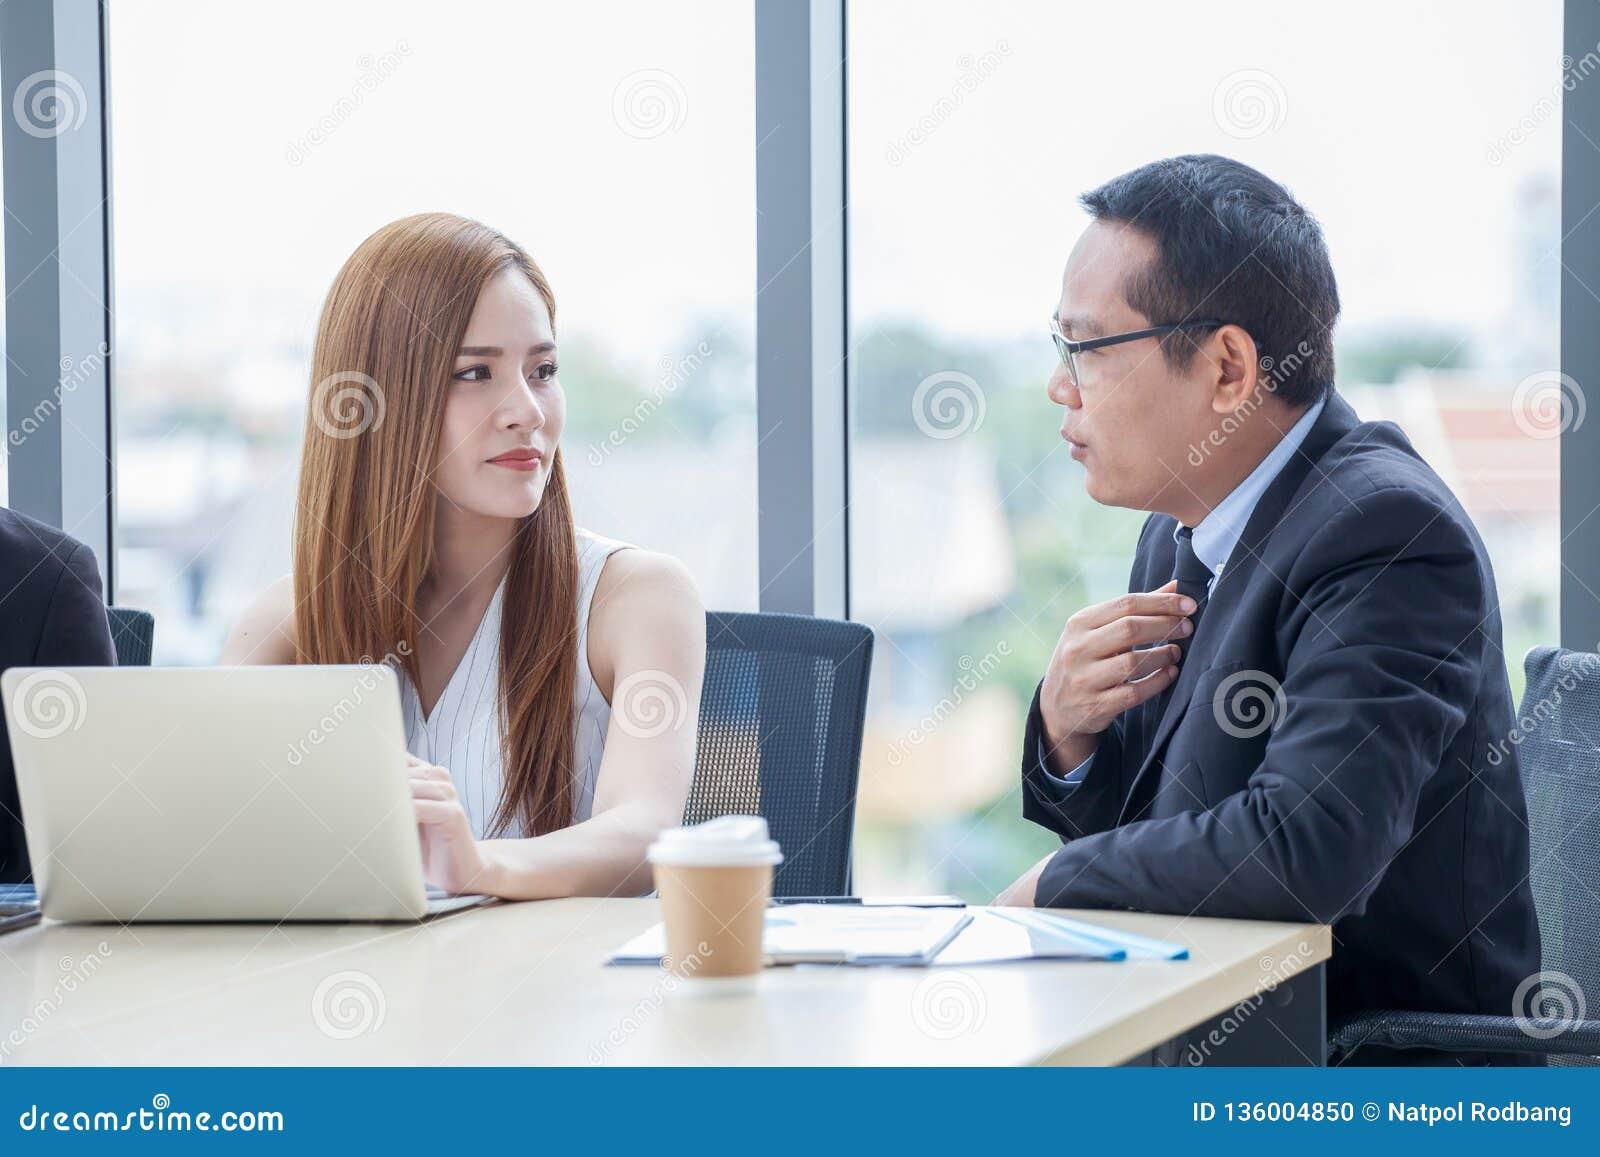 Glückliches junges Geschäftsmann- und Geschäftsfrauteam, das zusammen mit Laptop-Computer auf dem Schreibtisch bespricht Informat